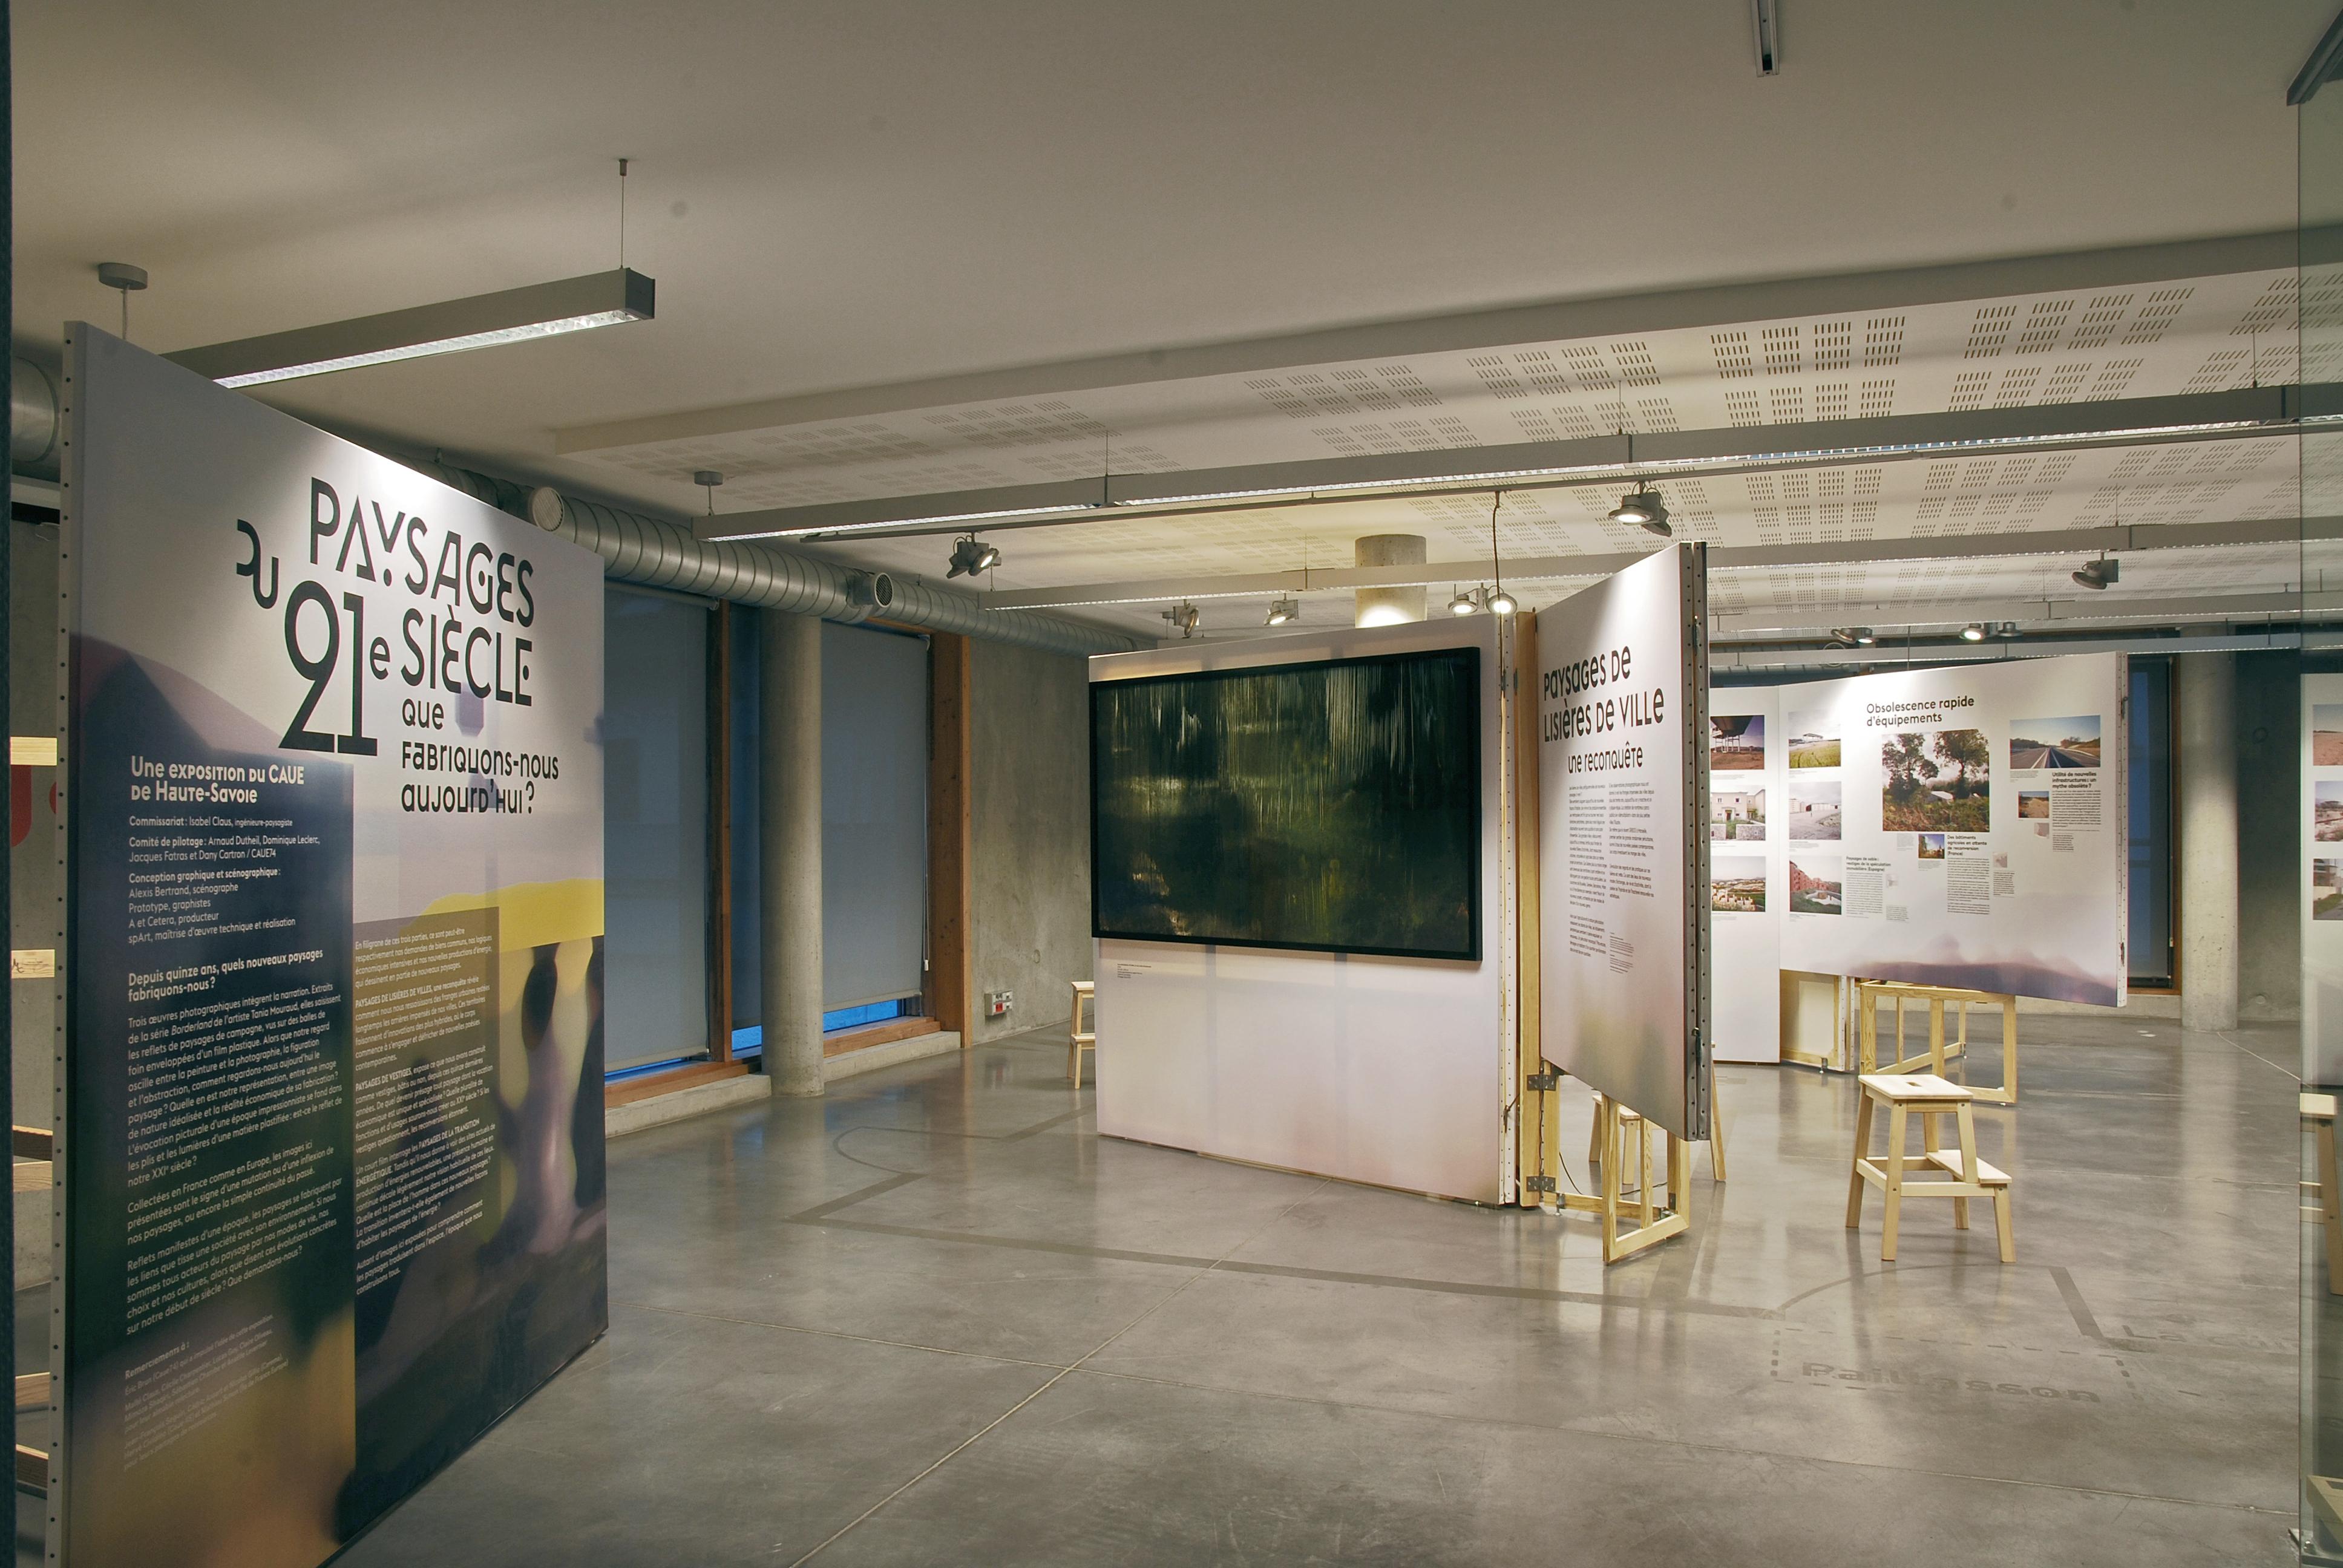 Exposition : «Paysages du XXIème siècle, que fabriquons-nous aujourd'hui?»